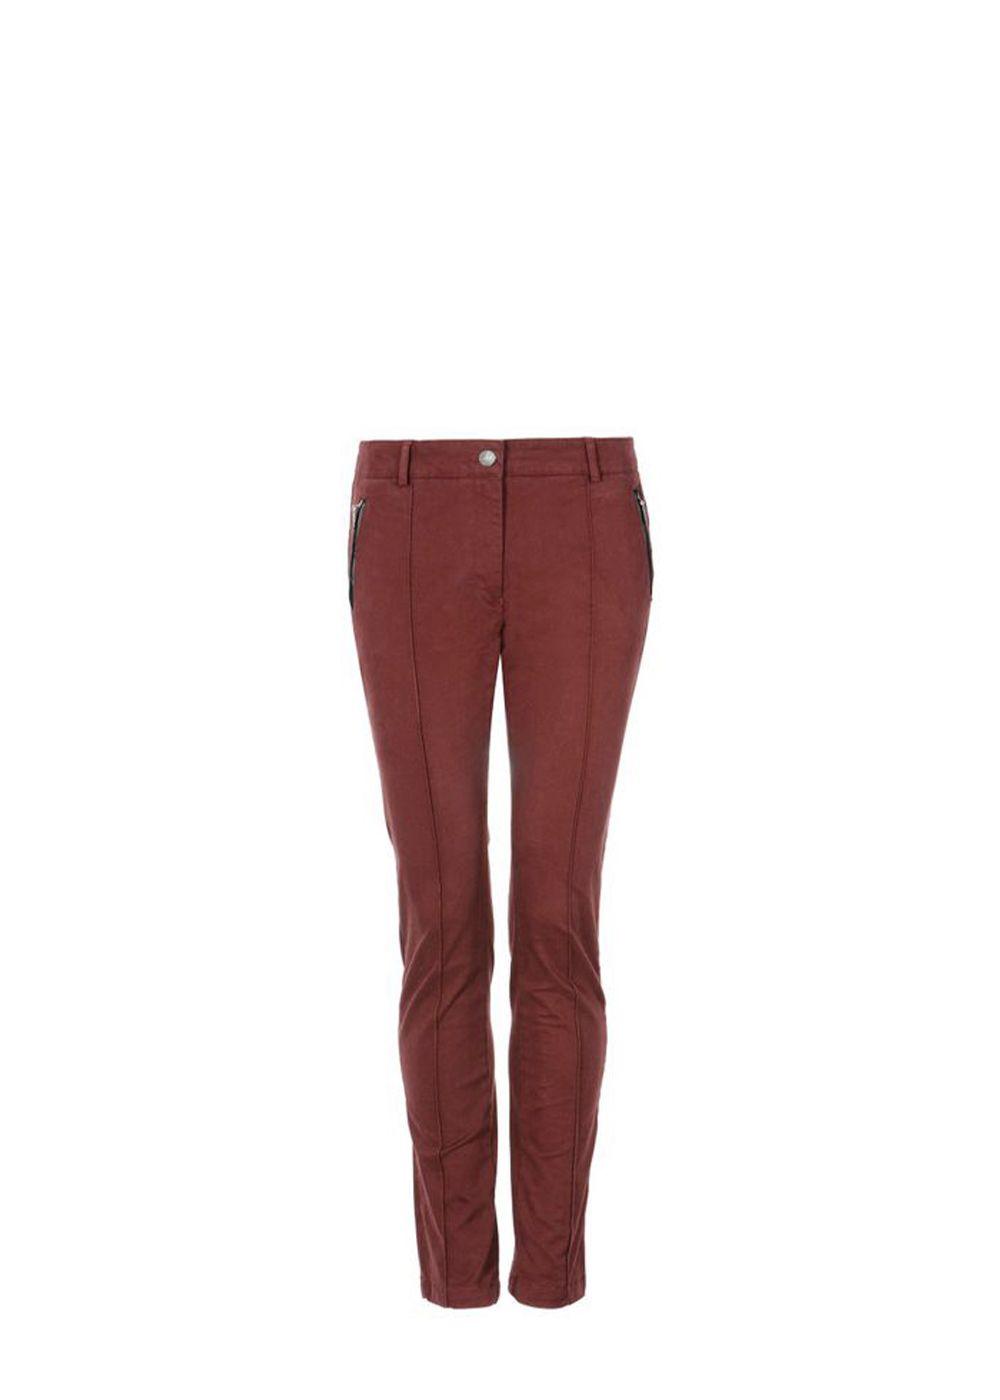 Spodnie damskie Avira 2 SPODT-0006-49(Z16)